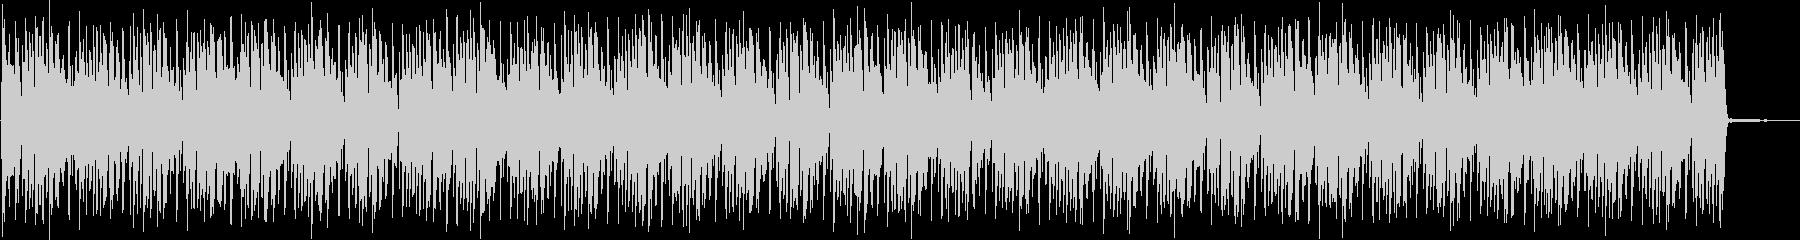 ドラムベース・シンプルなバトル系ループの未再生の波形